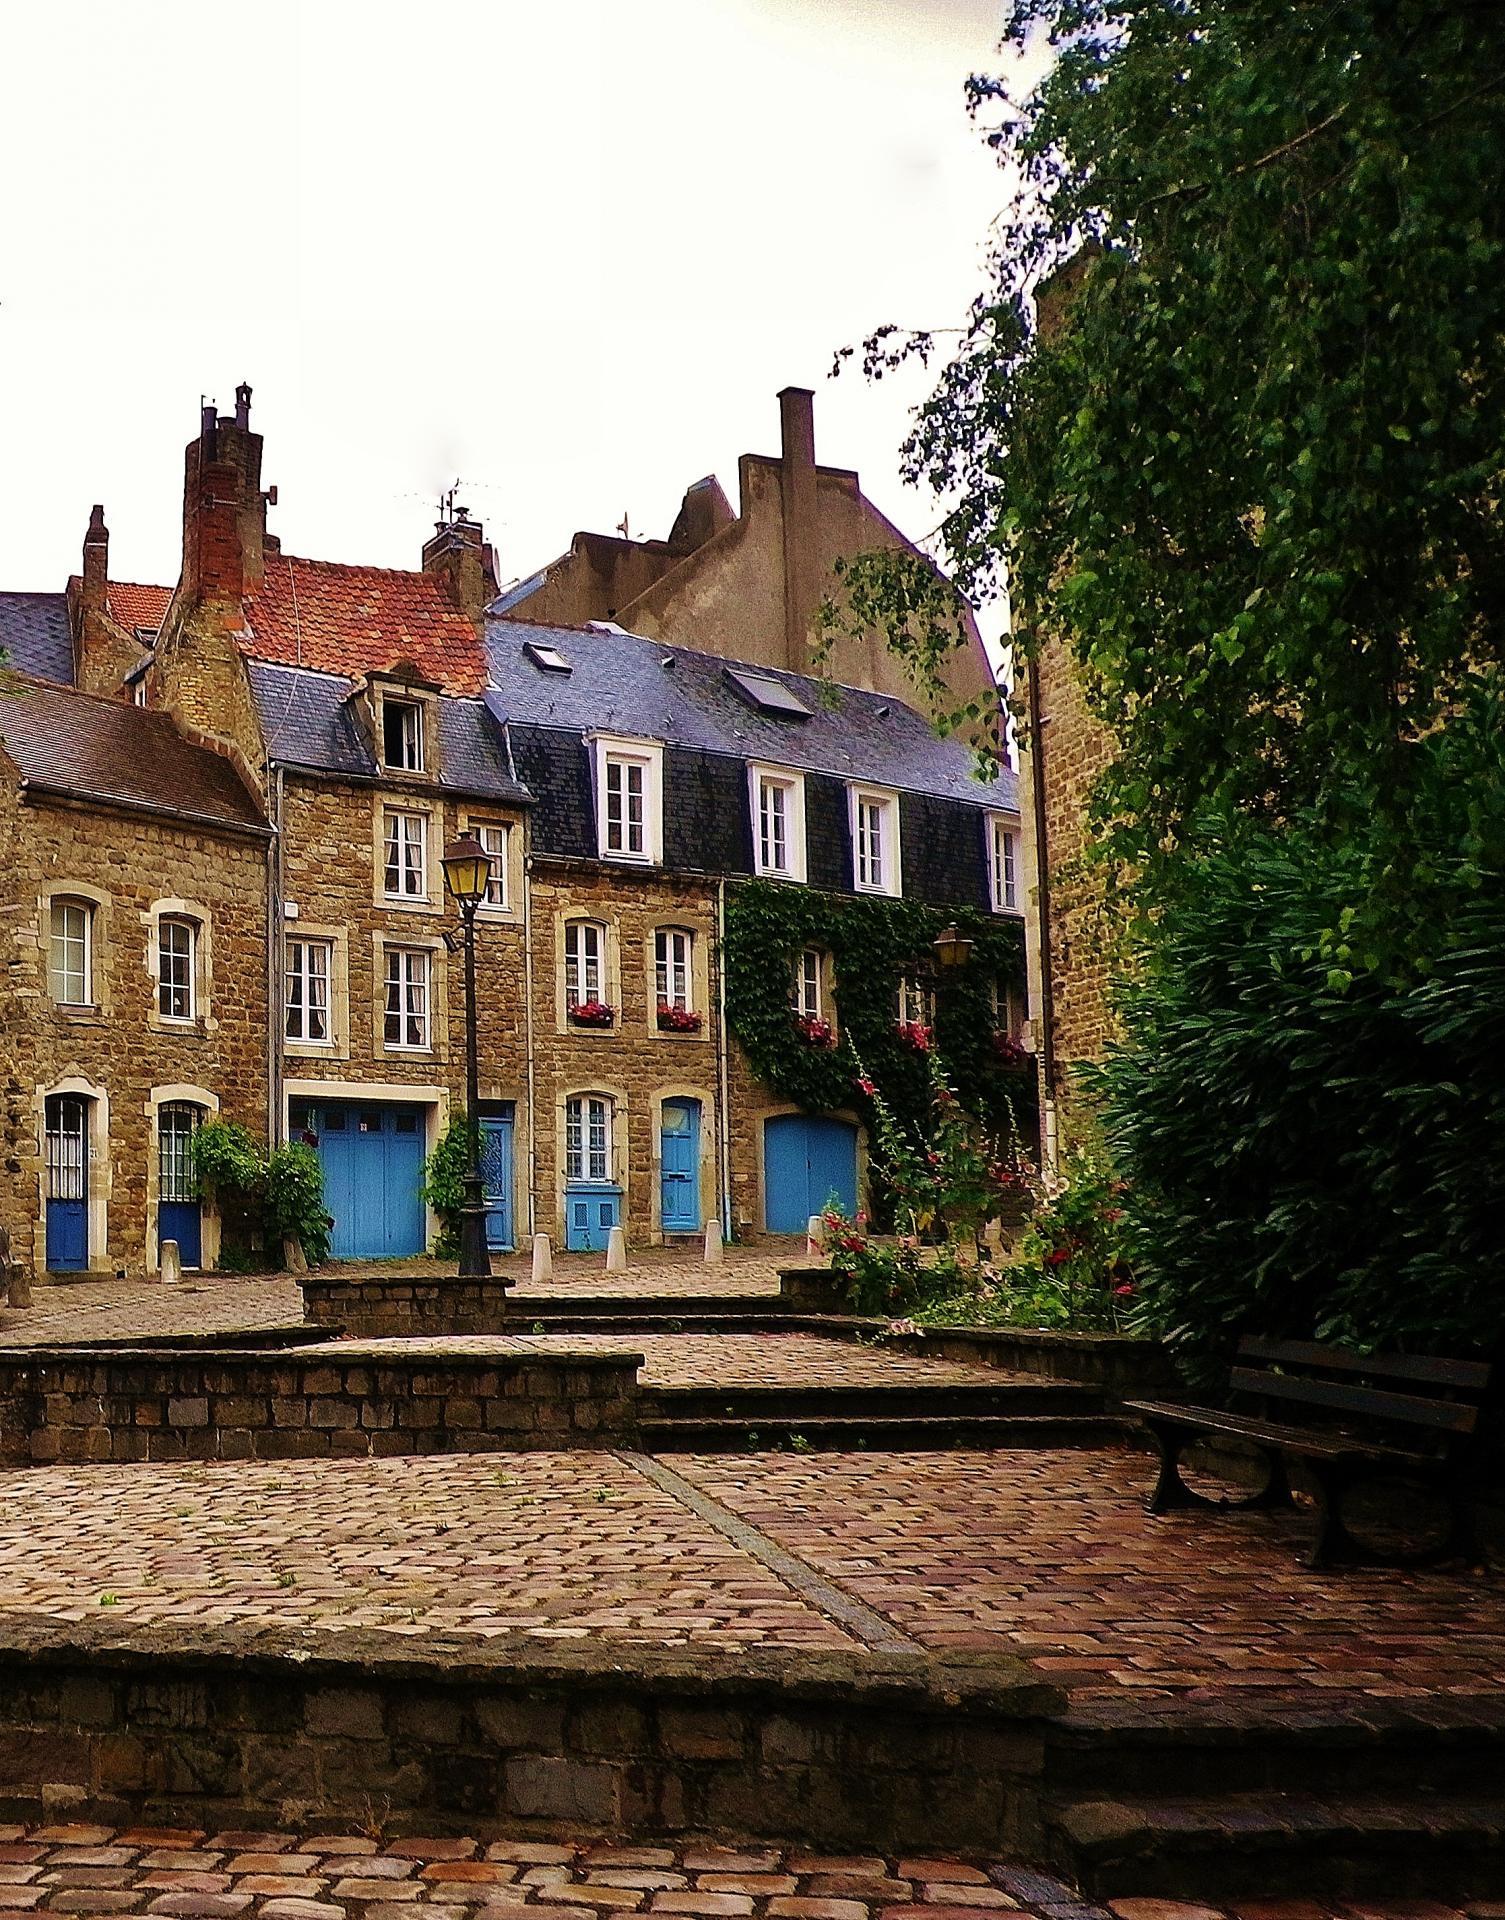 Balades boulogne sur mer monuments et les plus beaux sites for Boulogne sur mer piscine